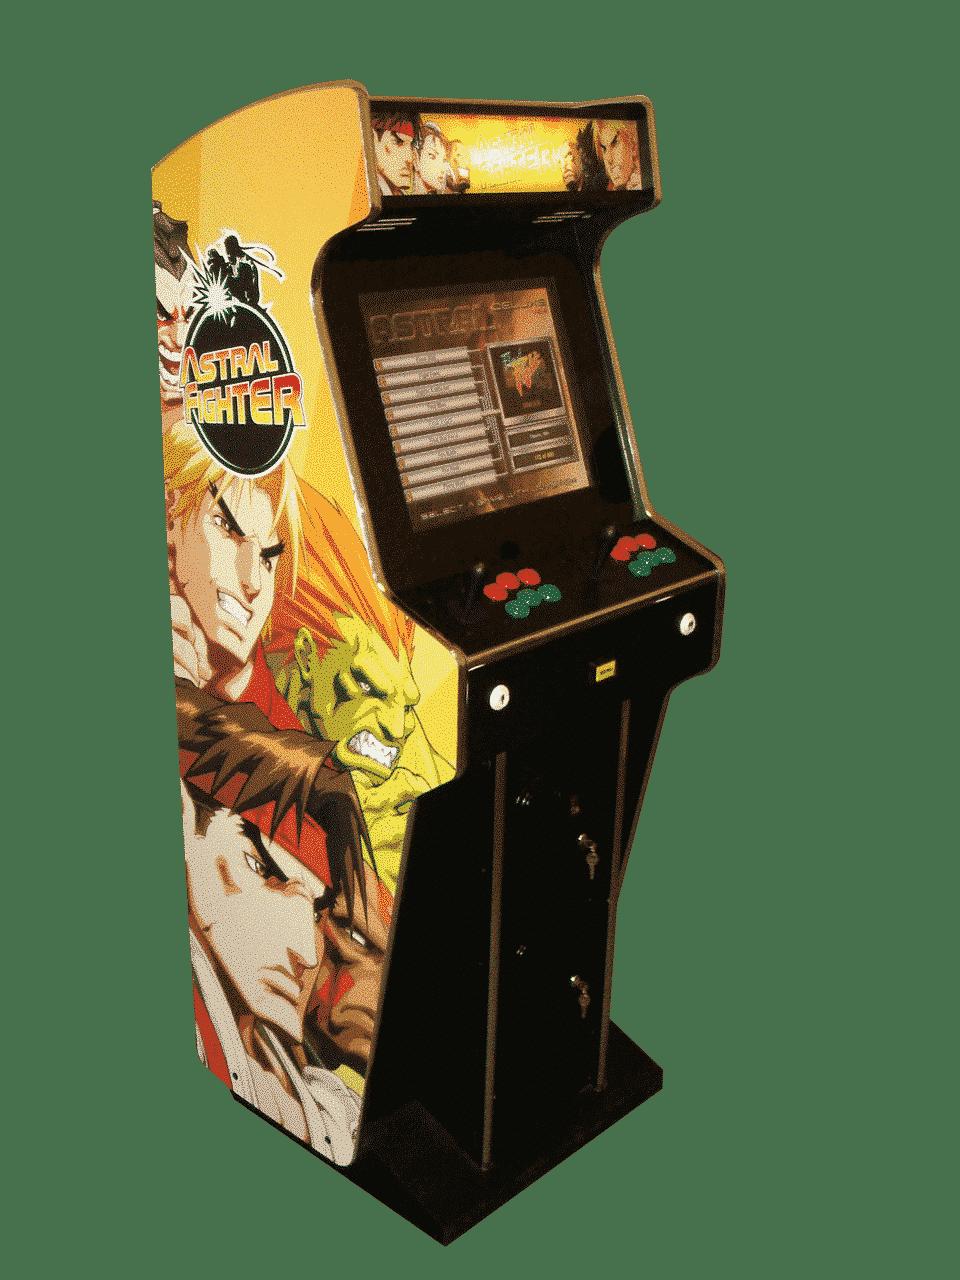 Astral Fighter Pro Arcade Machine